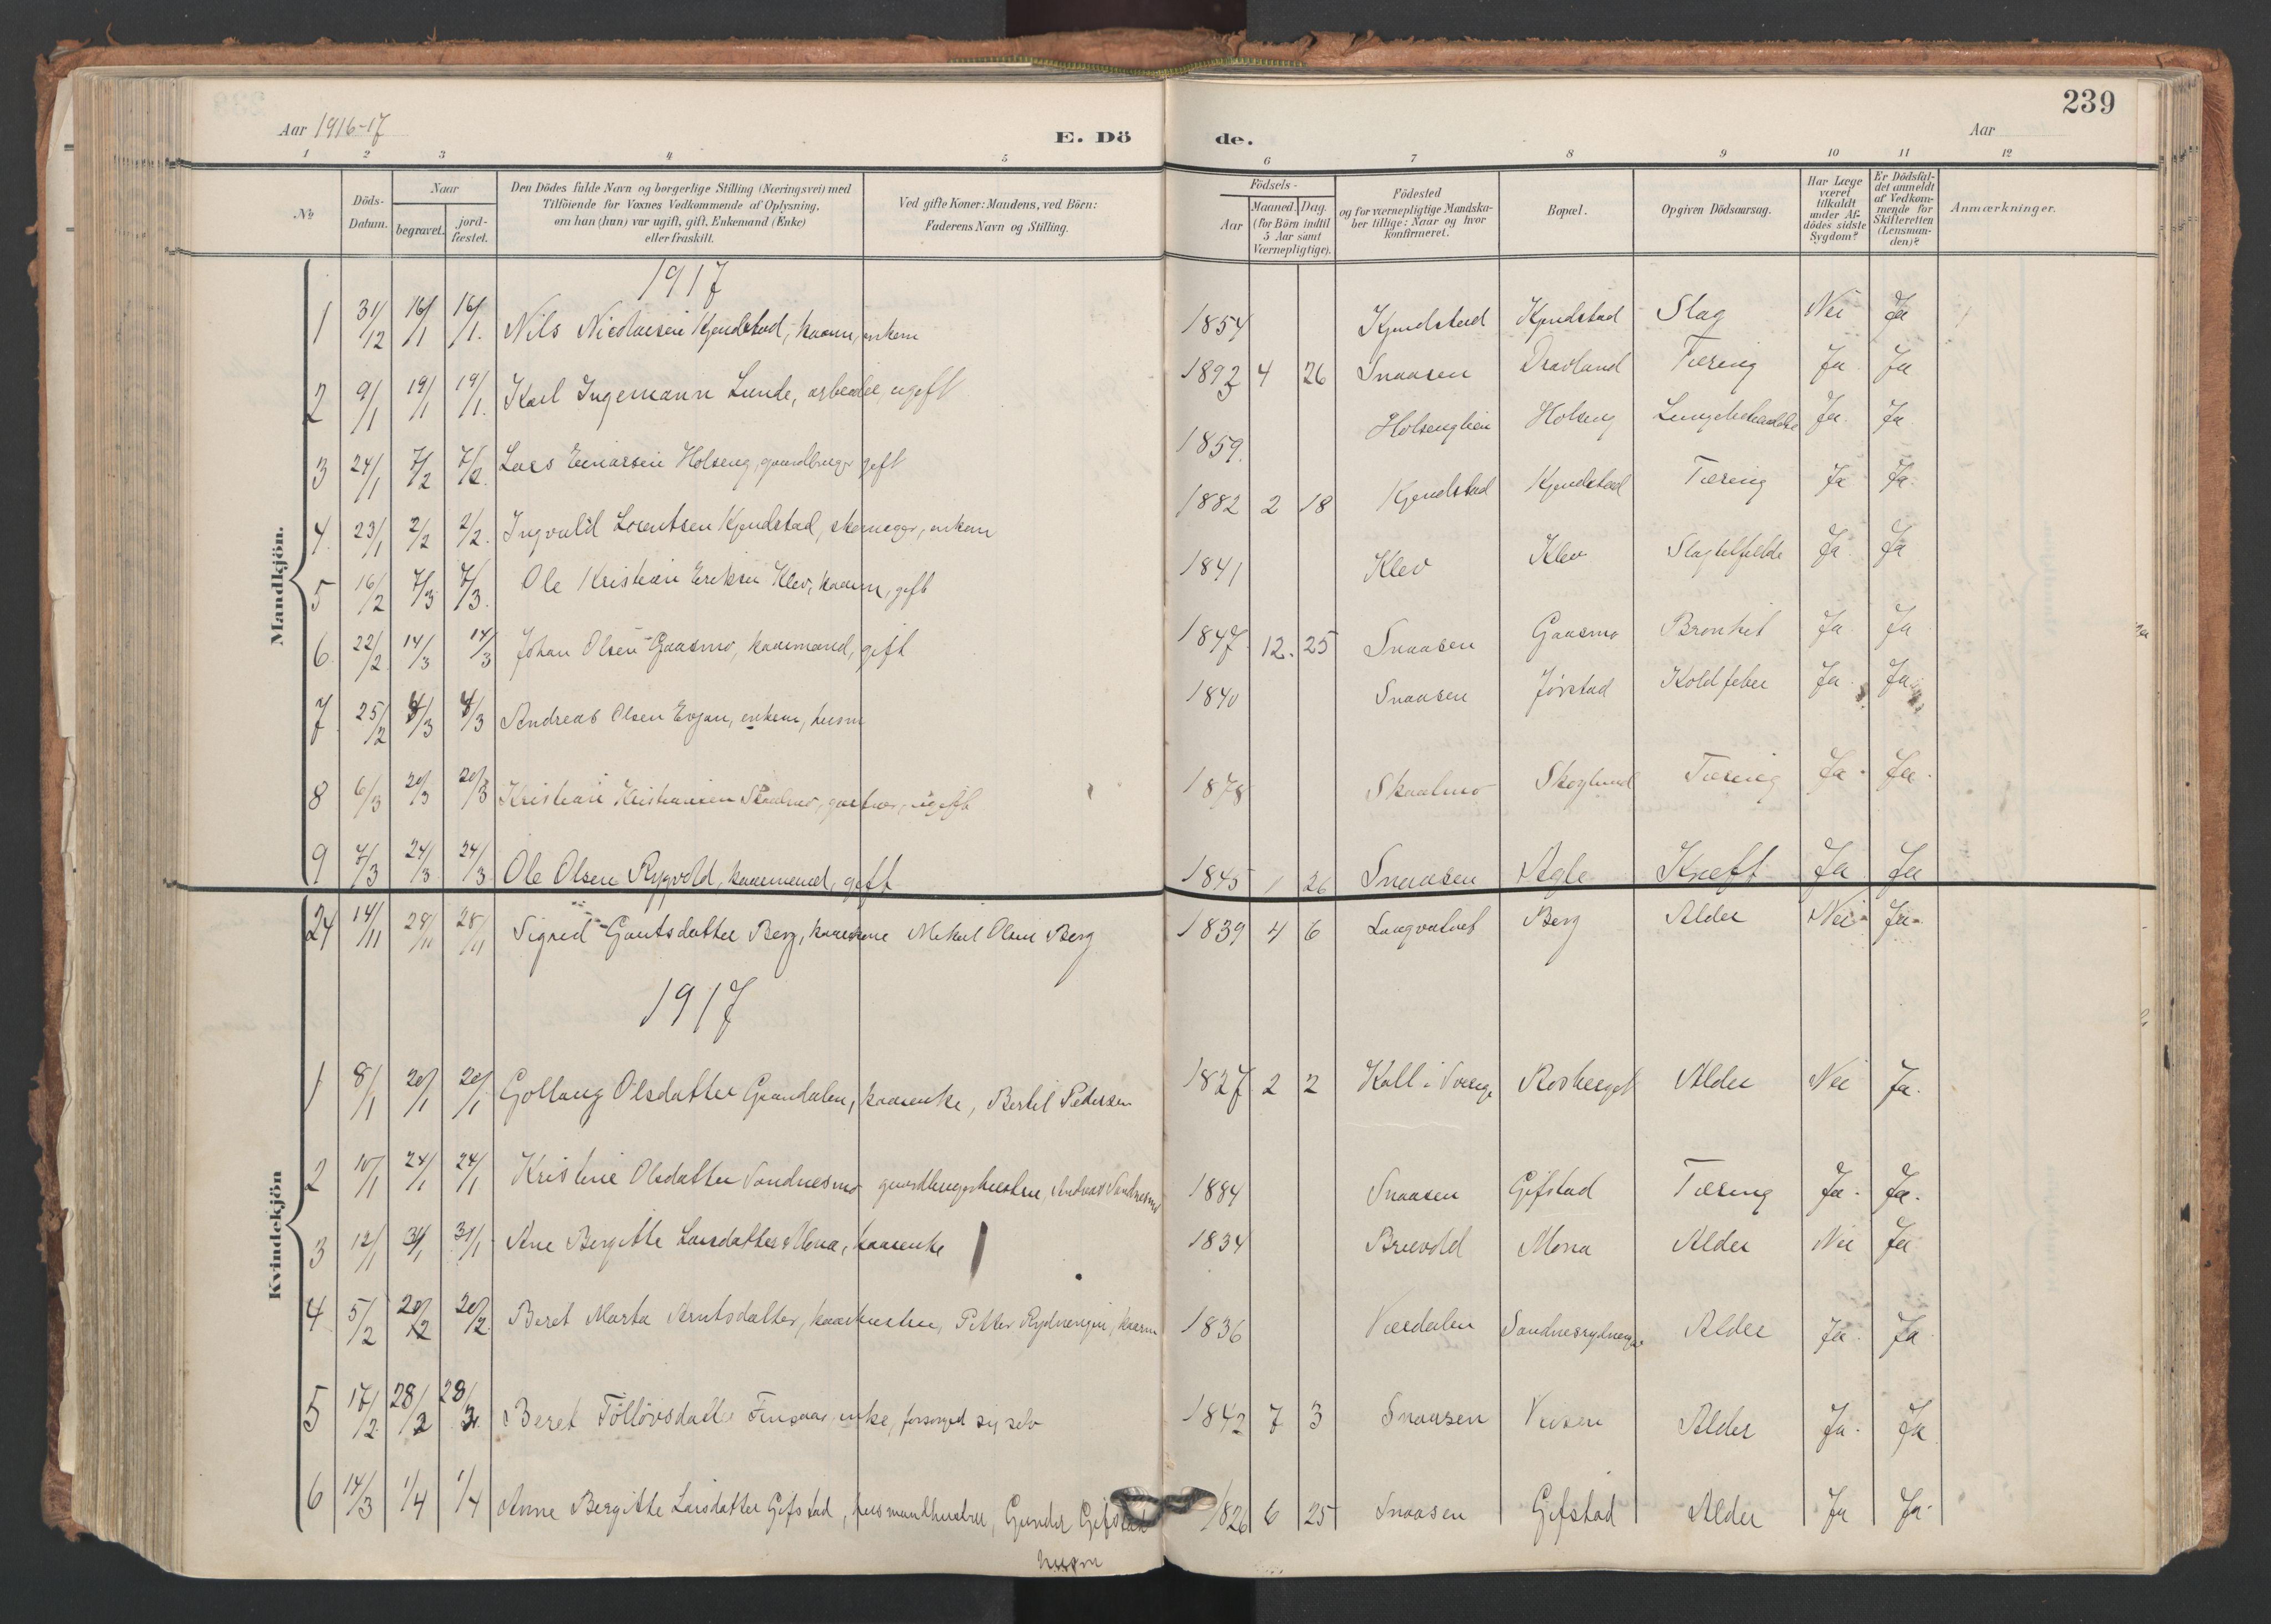 SAT, Ministerialprotokoller, klokkerbøker og fødselsregistre - Nord-Trøndelag, 749/L0477: Ministerialbok nr. 749A11, 1902-1927, s. 239